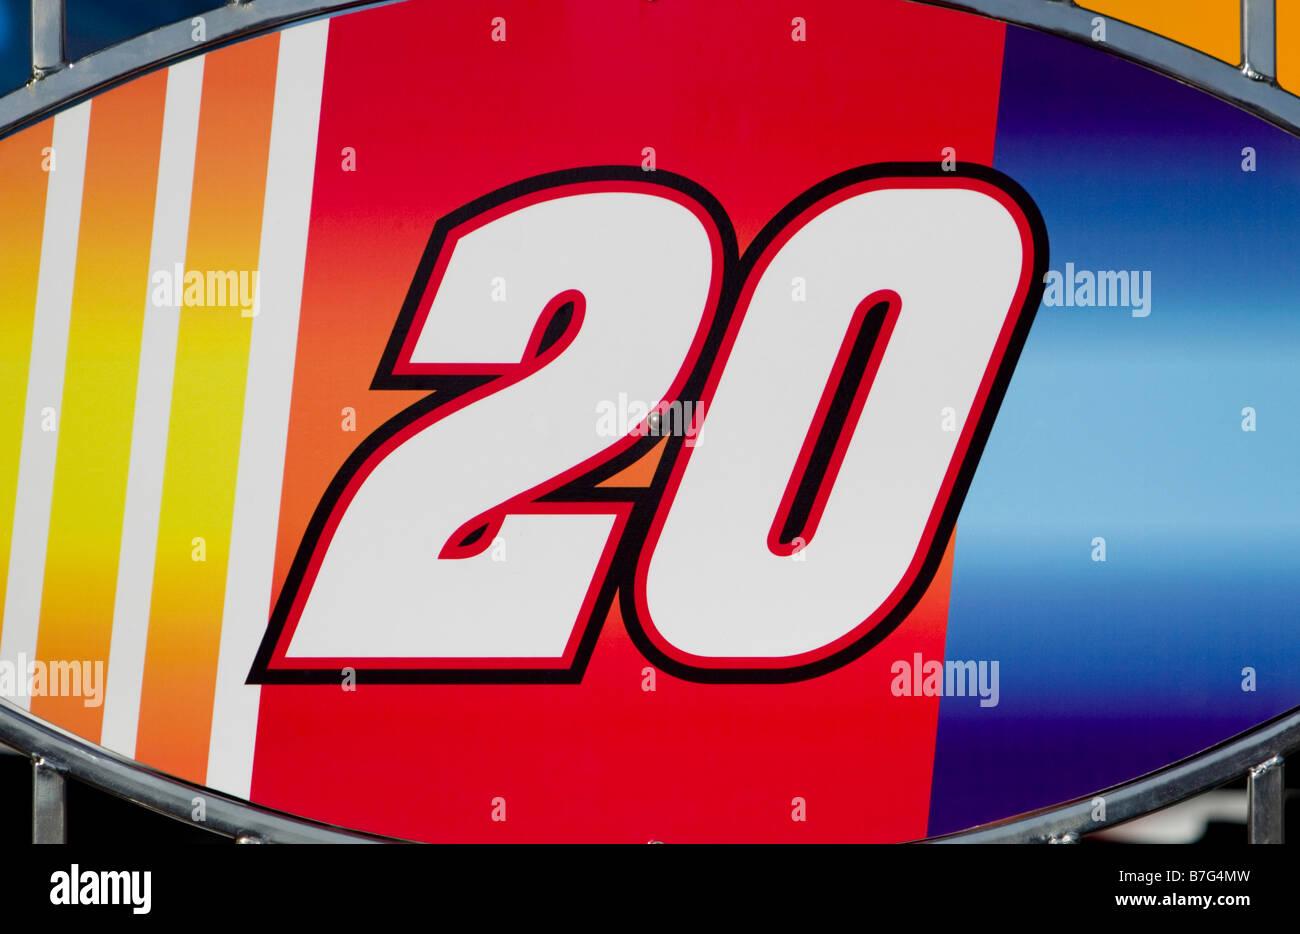 Numéro 20 en course ellipse Photo Stock